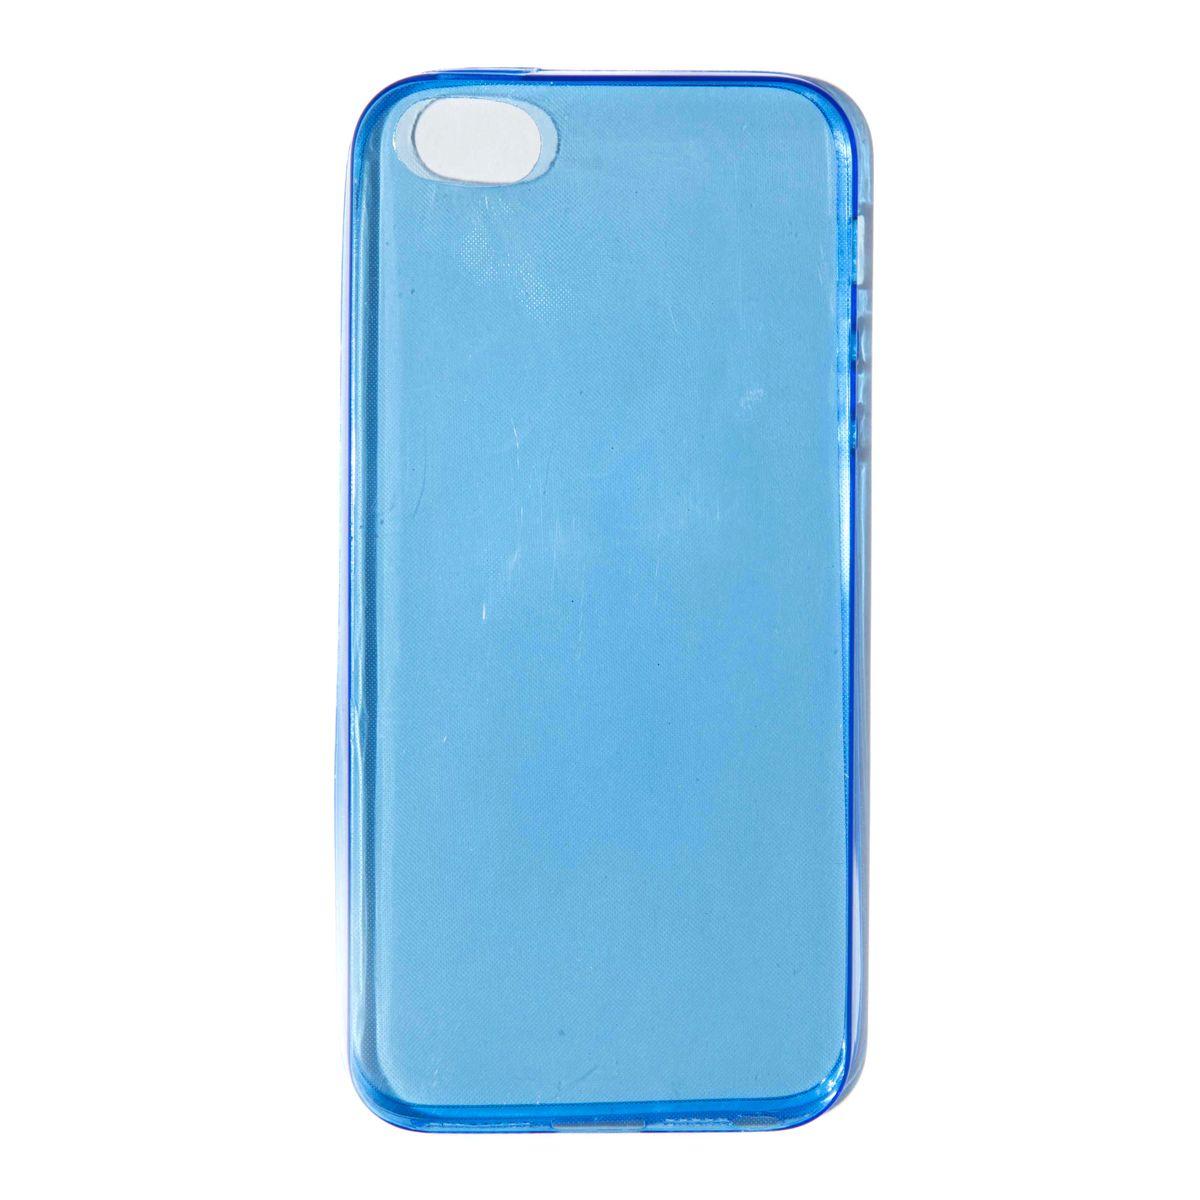 Mitya Veselkov чехол для Apple iPhone 5/5s, Light BlueIP5.МITYA-217Превосходный чехол Mitya Veselkov для Apple iPhone 5/5s создан для любителей заметных аксессуаров. Накладка придаст вашему телефону индивидуальность и послужит прекрасной защитой от ударов и царапин. Чехол также обеспечивает свободный доступ ко всем разъемам и клавишам устройства.